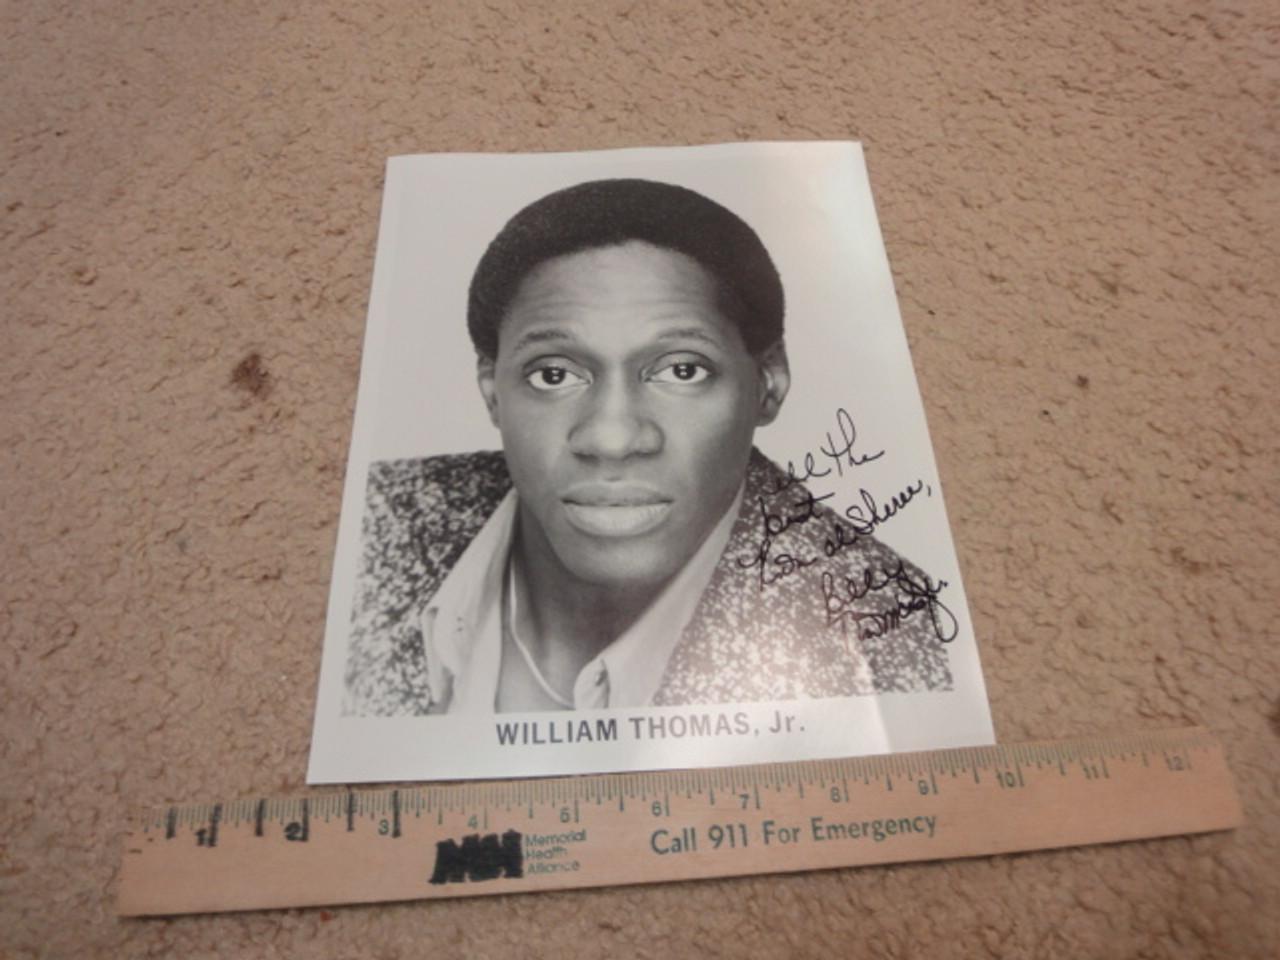 Thomas Jr., William Publicity Photo Signed Autograph